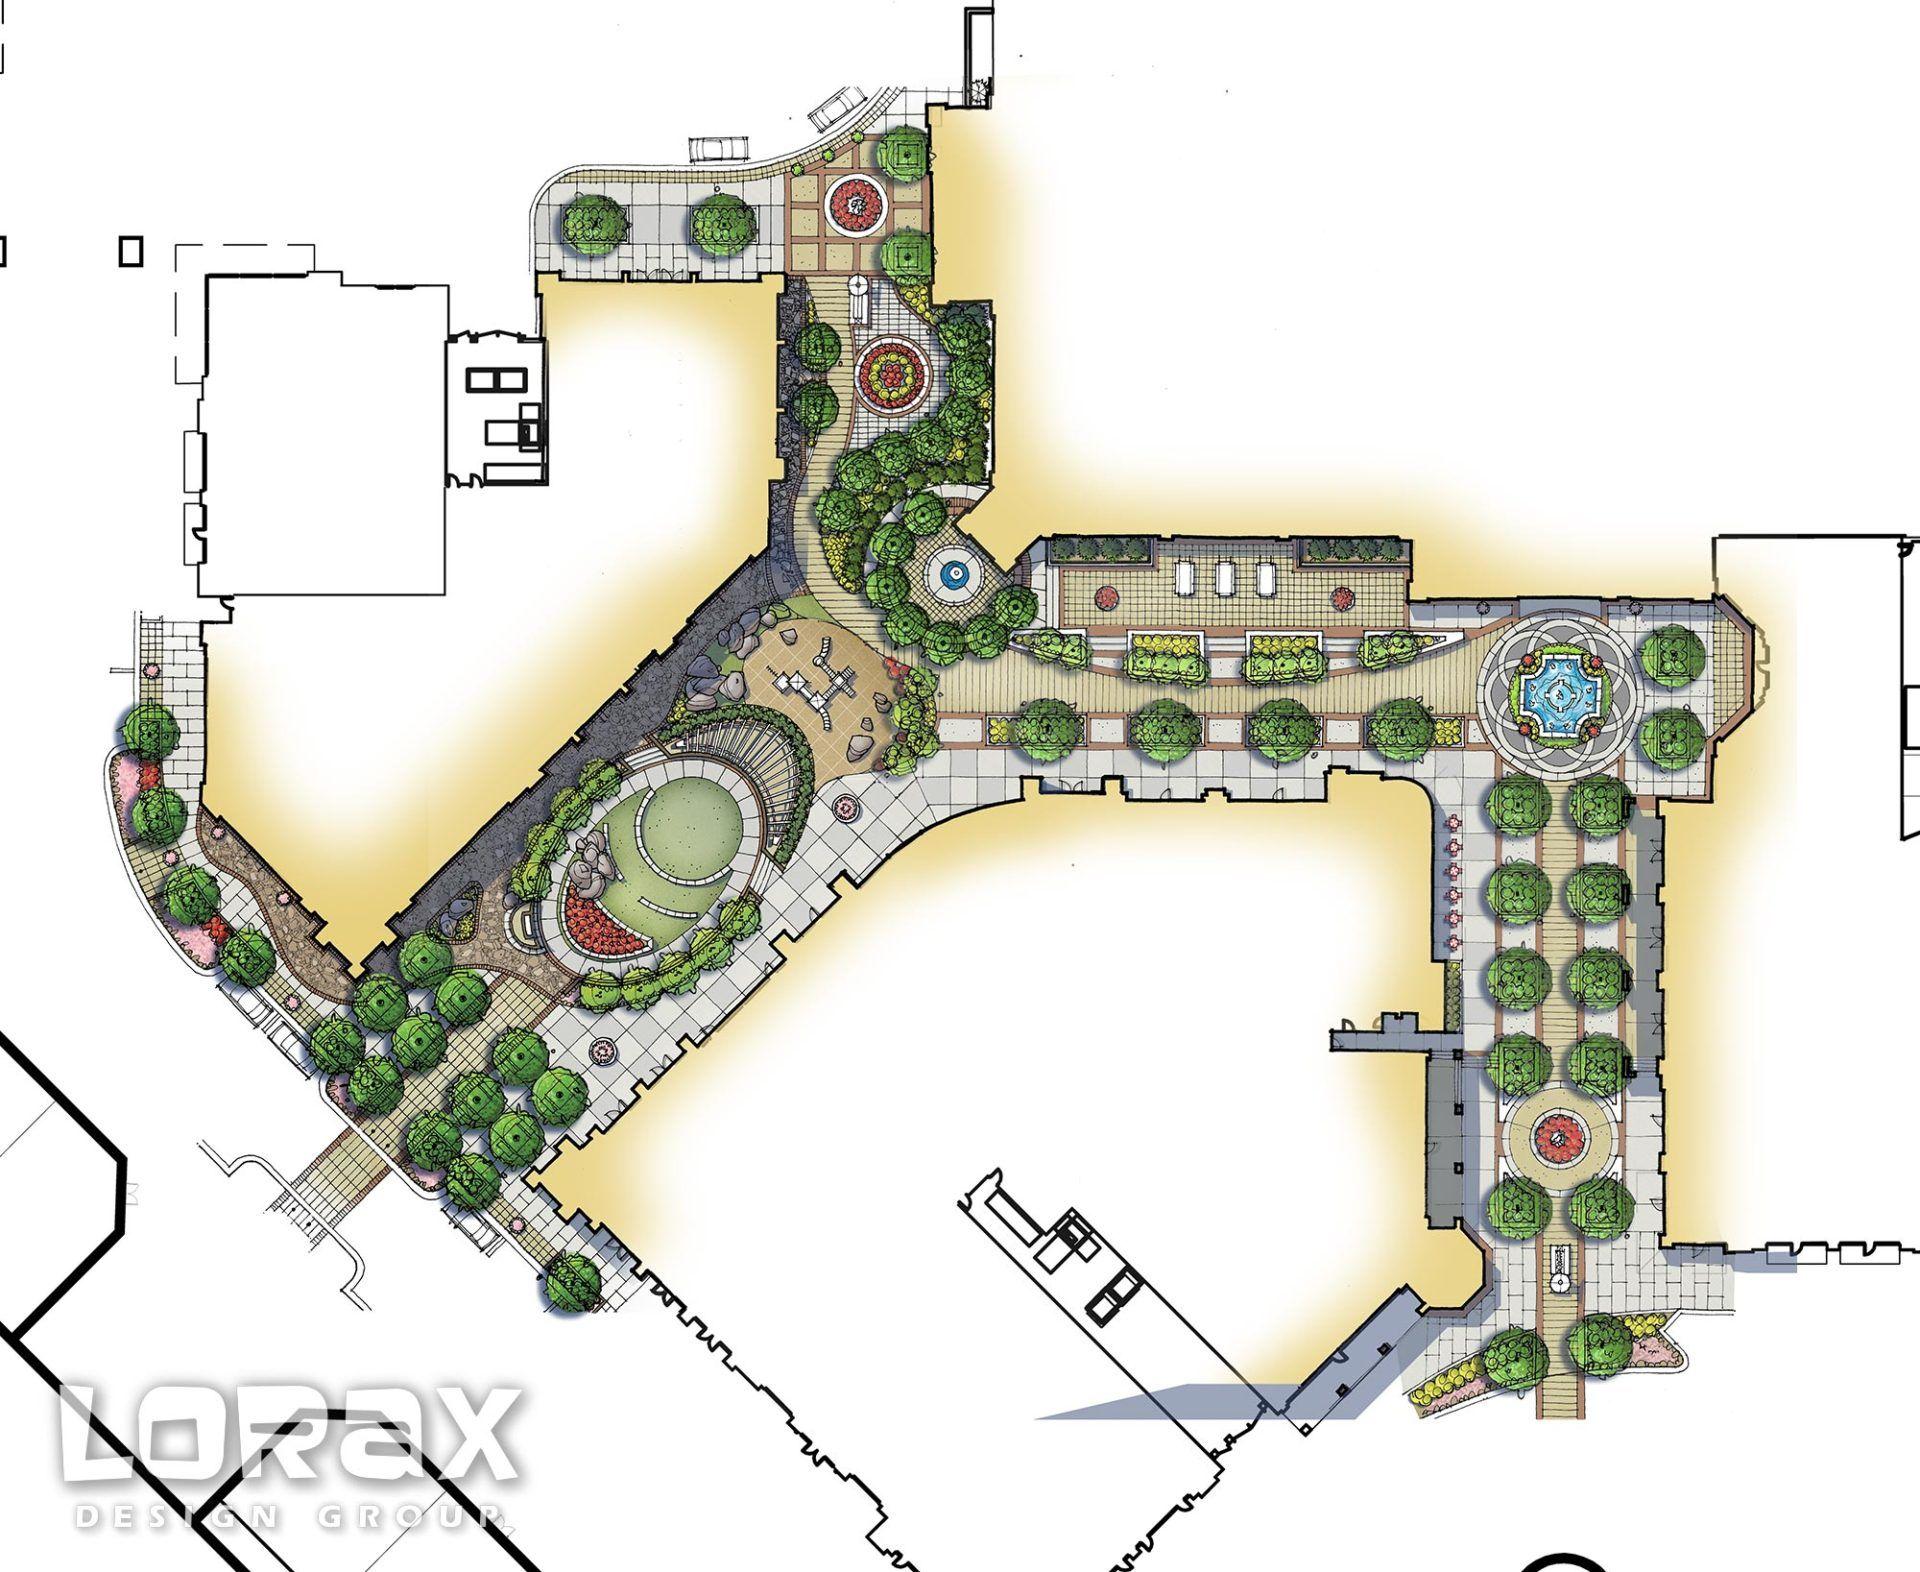 Corbin park luxury pool company landscape architect in